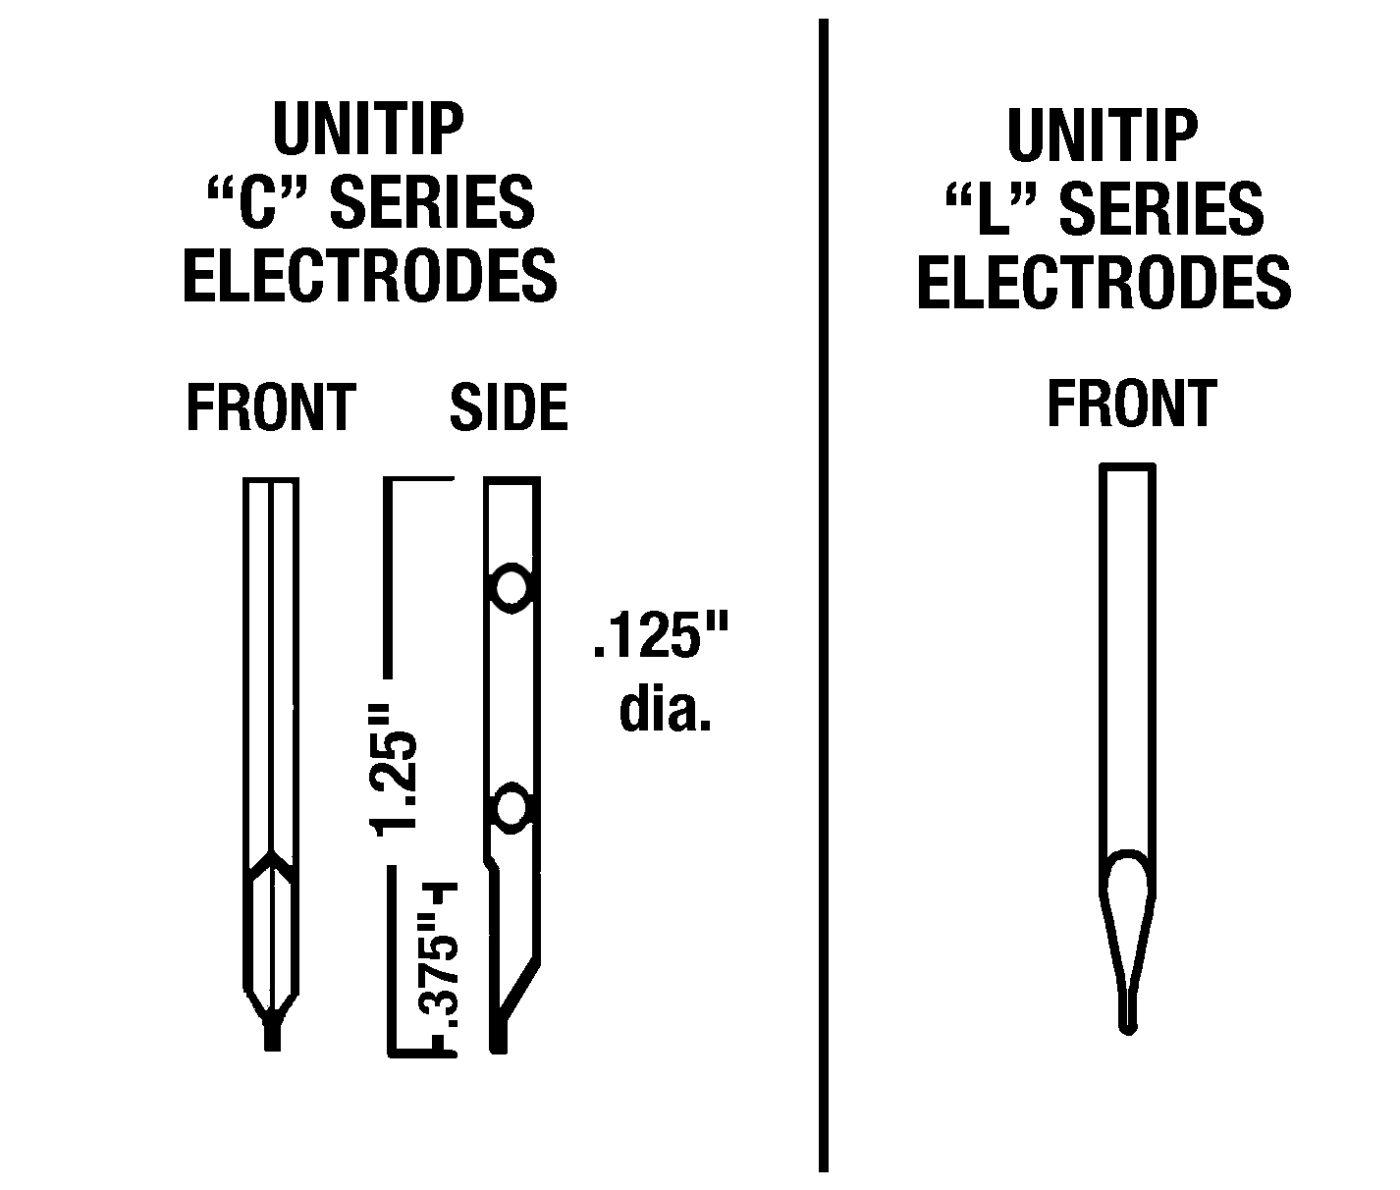 """UTM224C Unitip Electrode <br> .020"""" x .020"""" x .050"""" (W x D x L) <br> 004"""" Gap, Max Force 132 oz"""